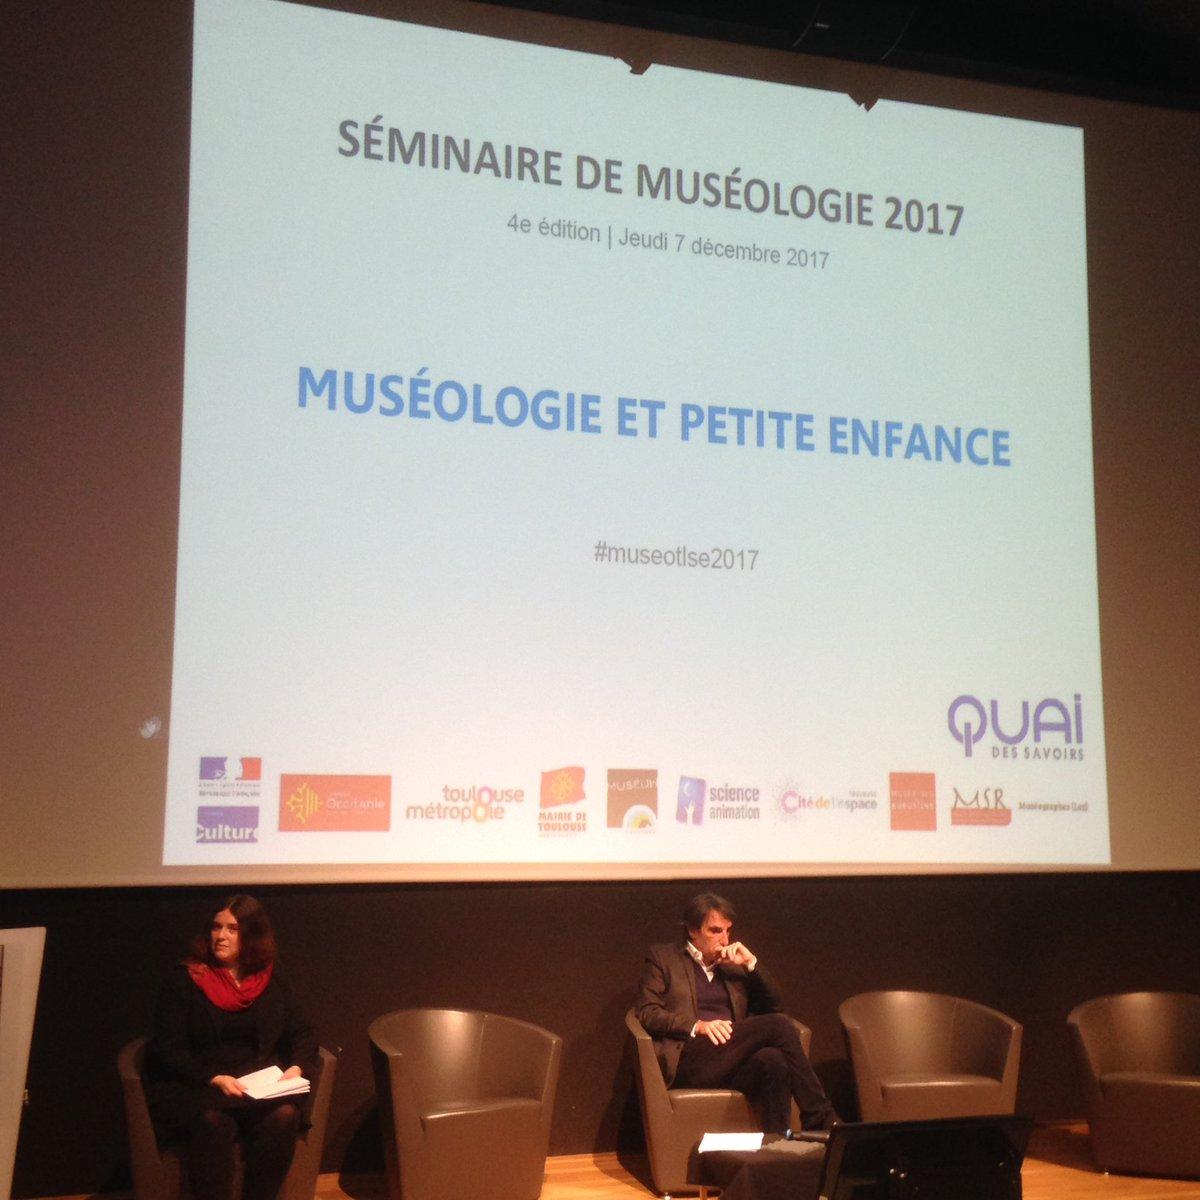 Début du séminaire de muséologie 2017. Au programme cette année : la petite enfance. Suivez le  #museotlse2017 ! pic.twitter.com/prhUbU4l3R